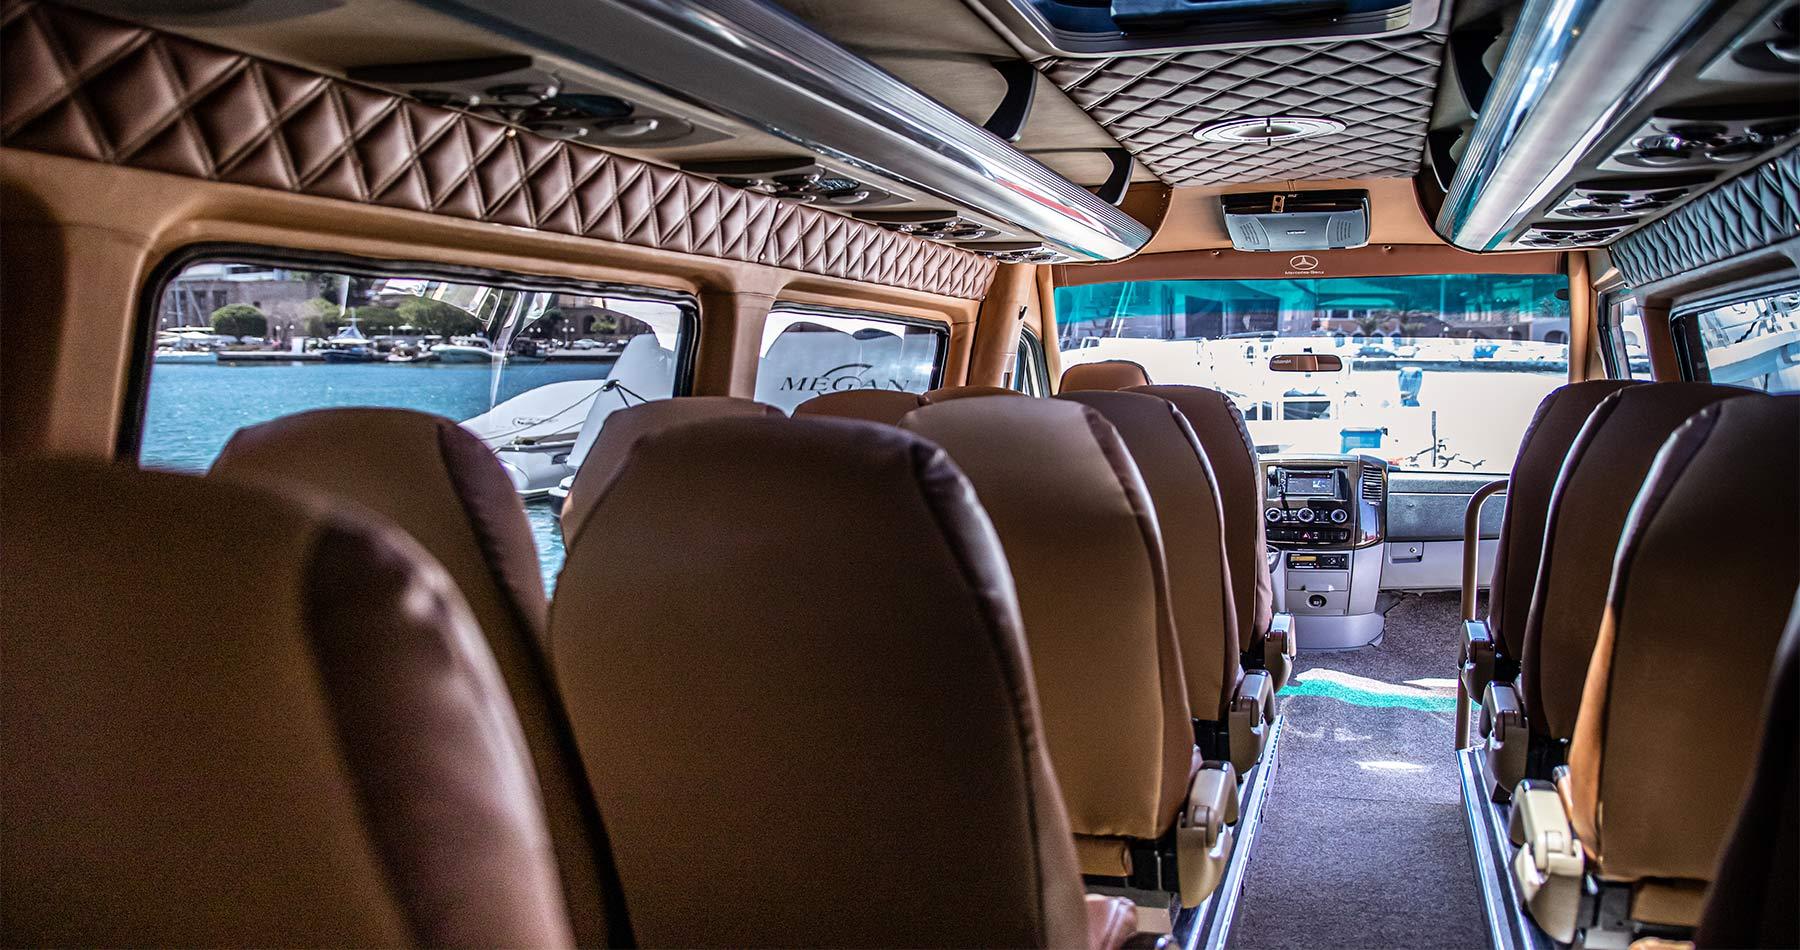 rhodes experiences bus tour staur 5